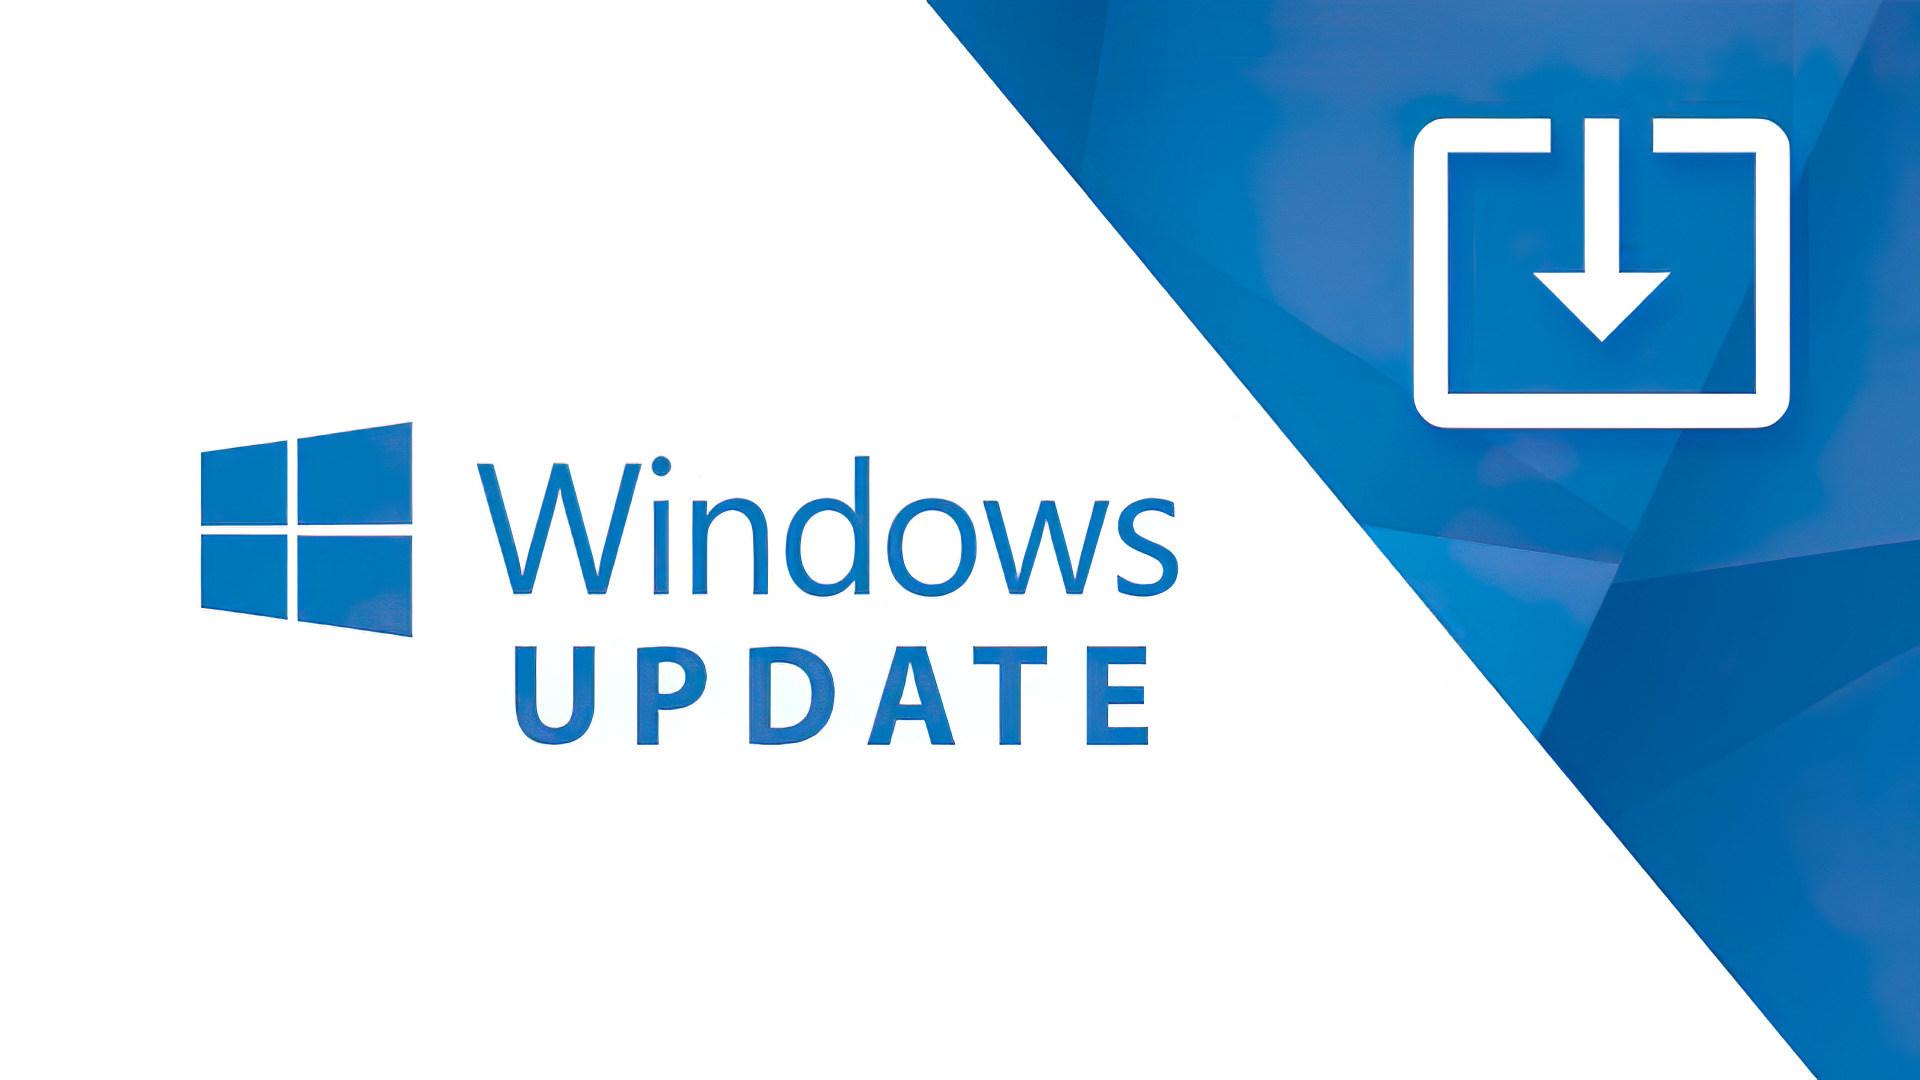 Microsoft, Windows 10, Update, Windows Update, Patch Day, Windows 10 Update